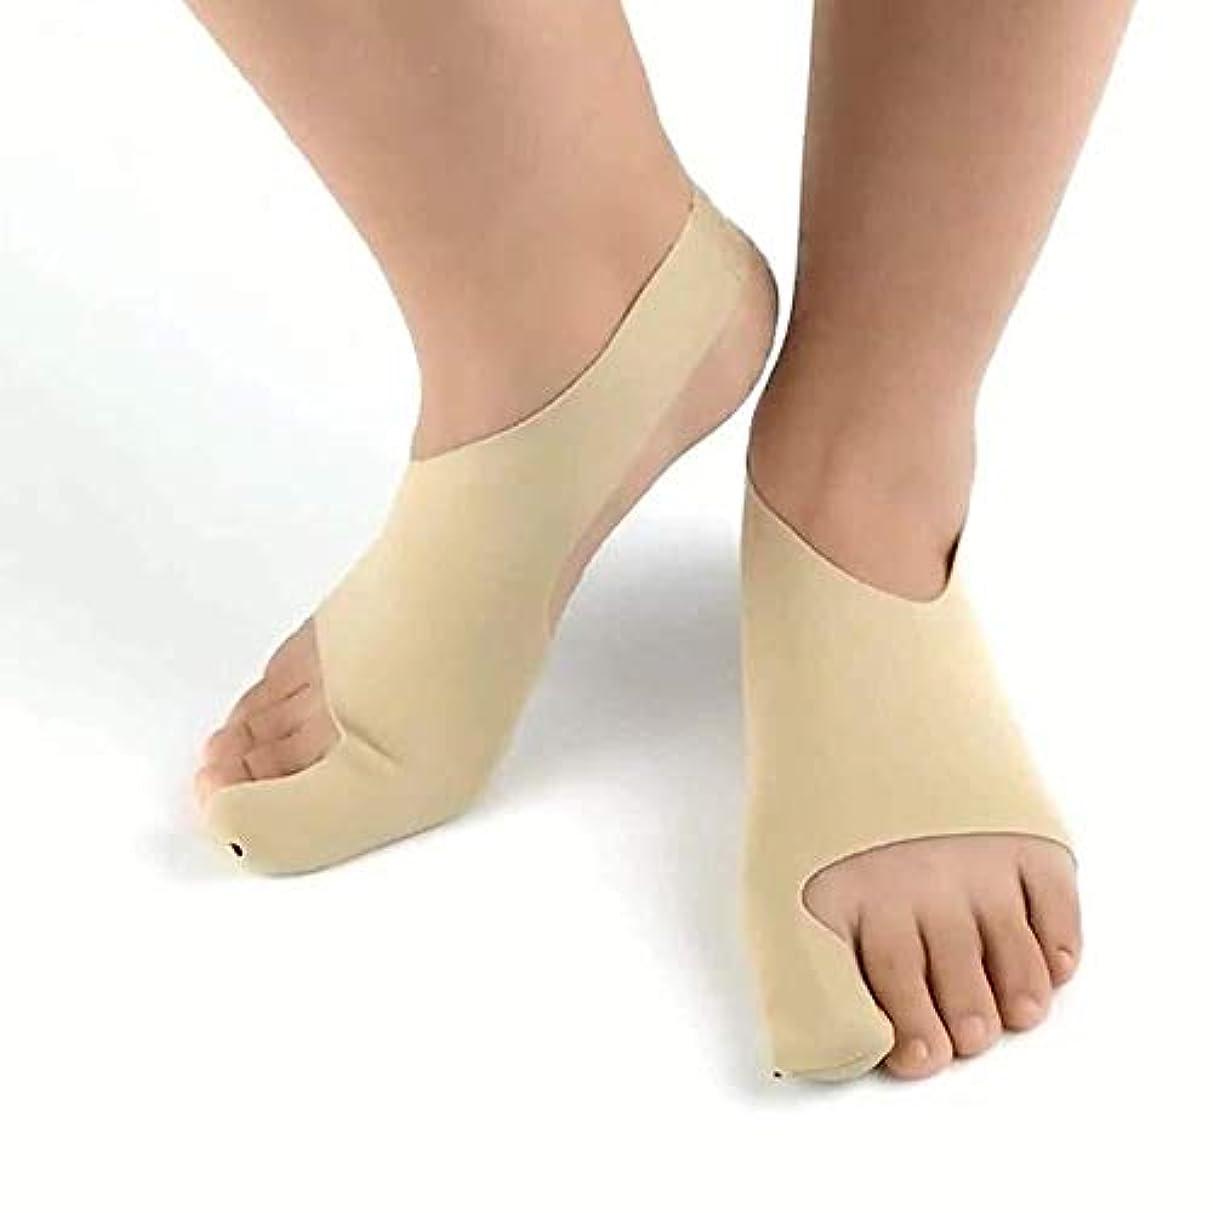 できた鏡舗装外反母ortho装具、超薄型整形外科大足指外反母gusは、ランニング/スポーツの治療と足の痛みの緩和をサポートします,L